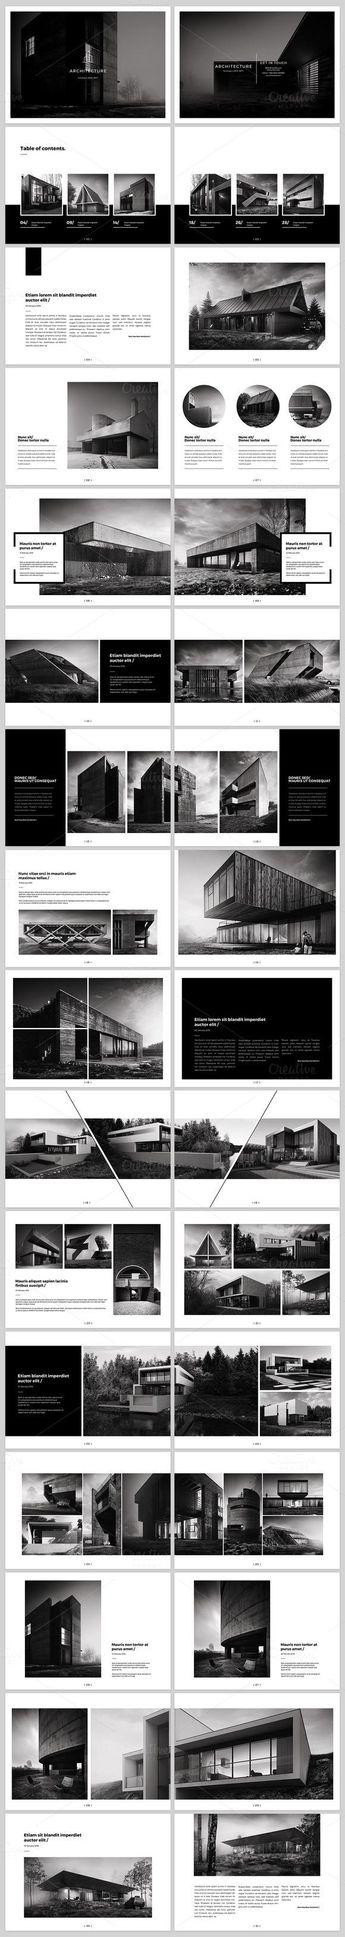 CM 627872 – Architecture Landscape Brochure More